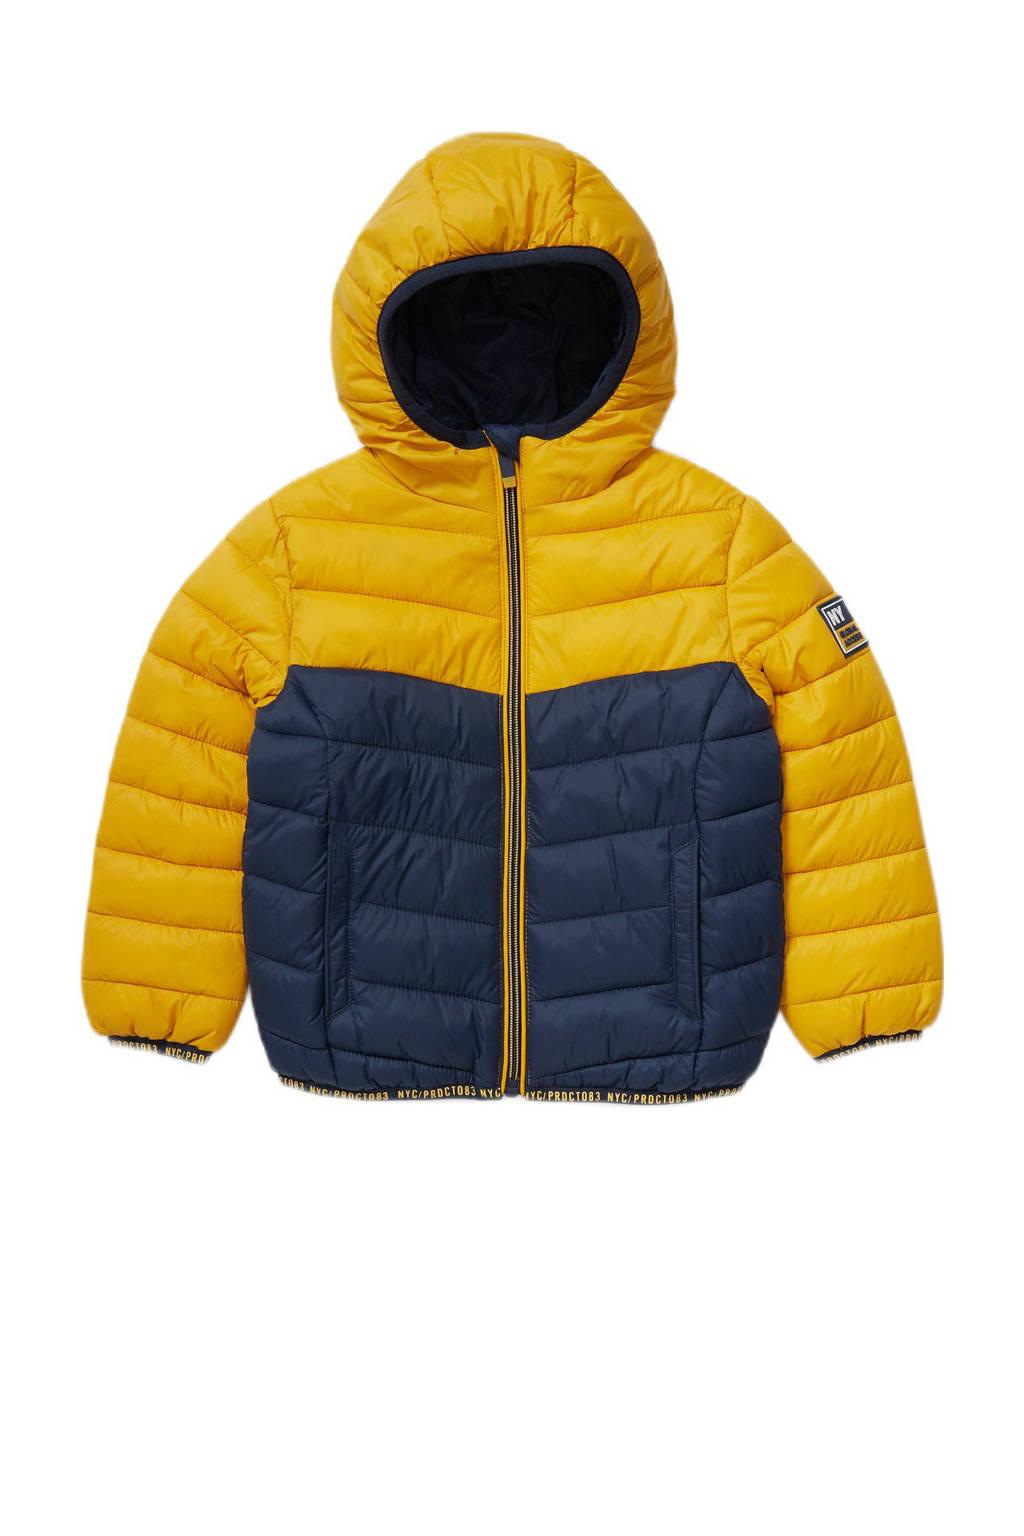 C&A gewatteerde winterjas geel/donkerblauw, Geel/donkerblauw